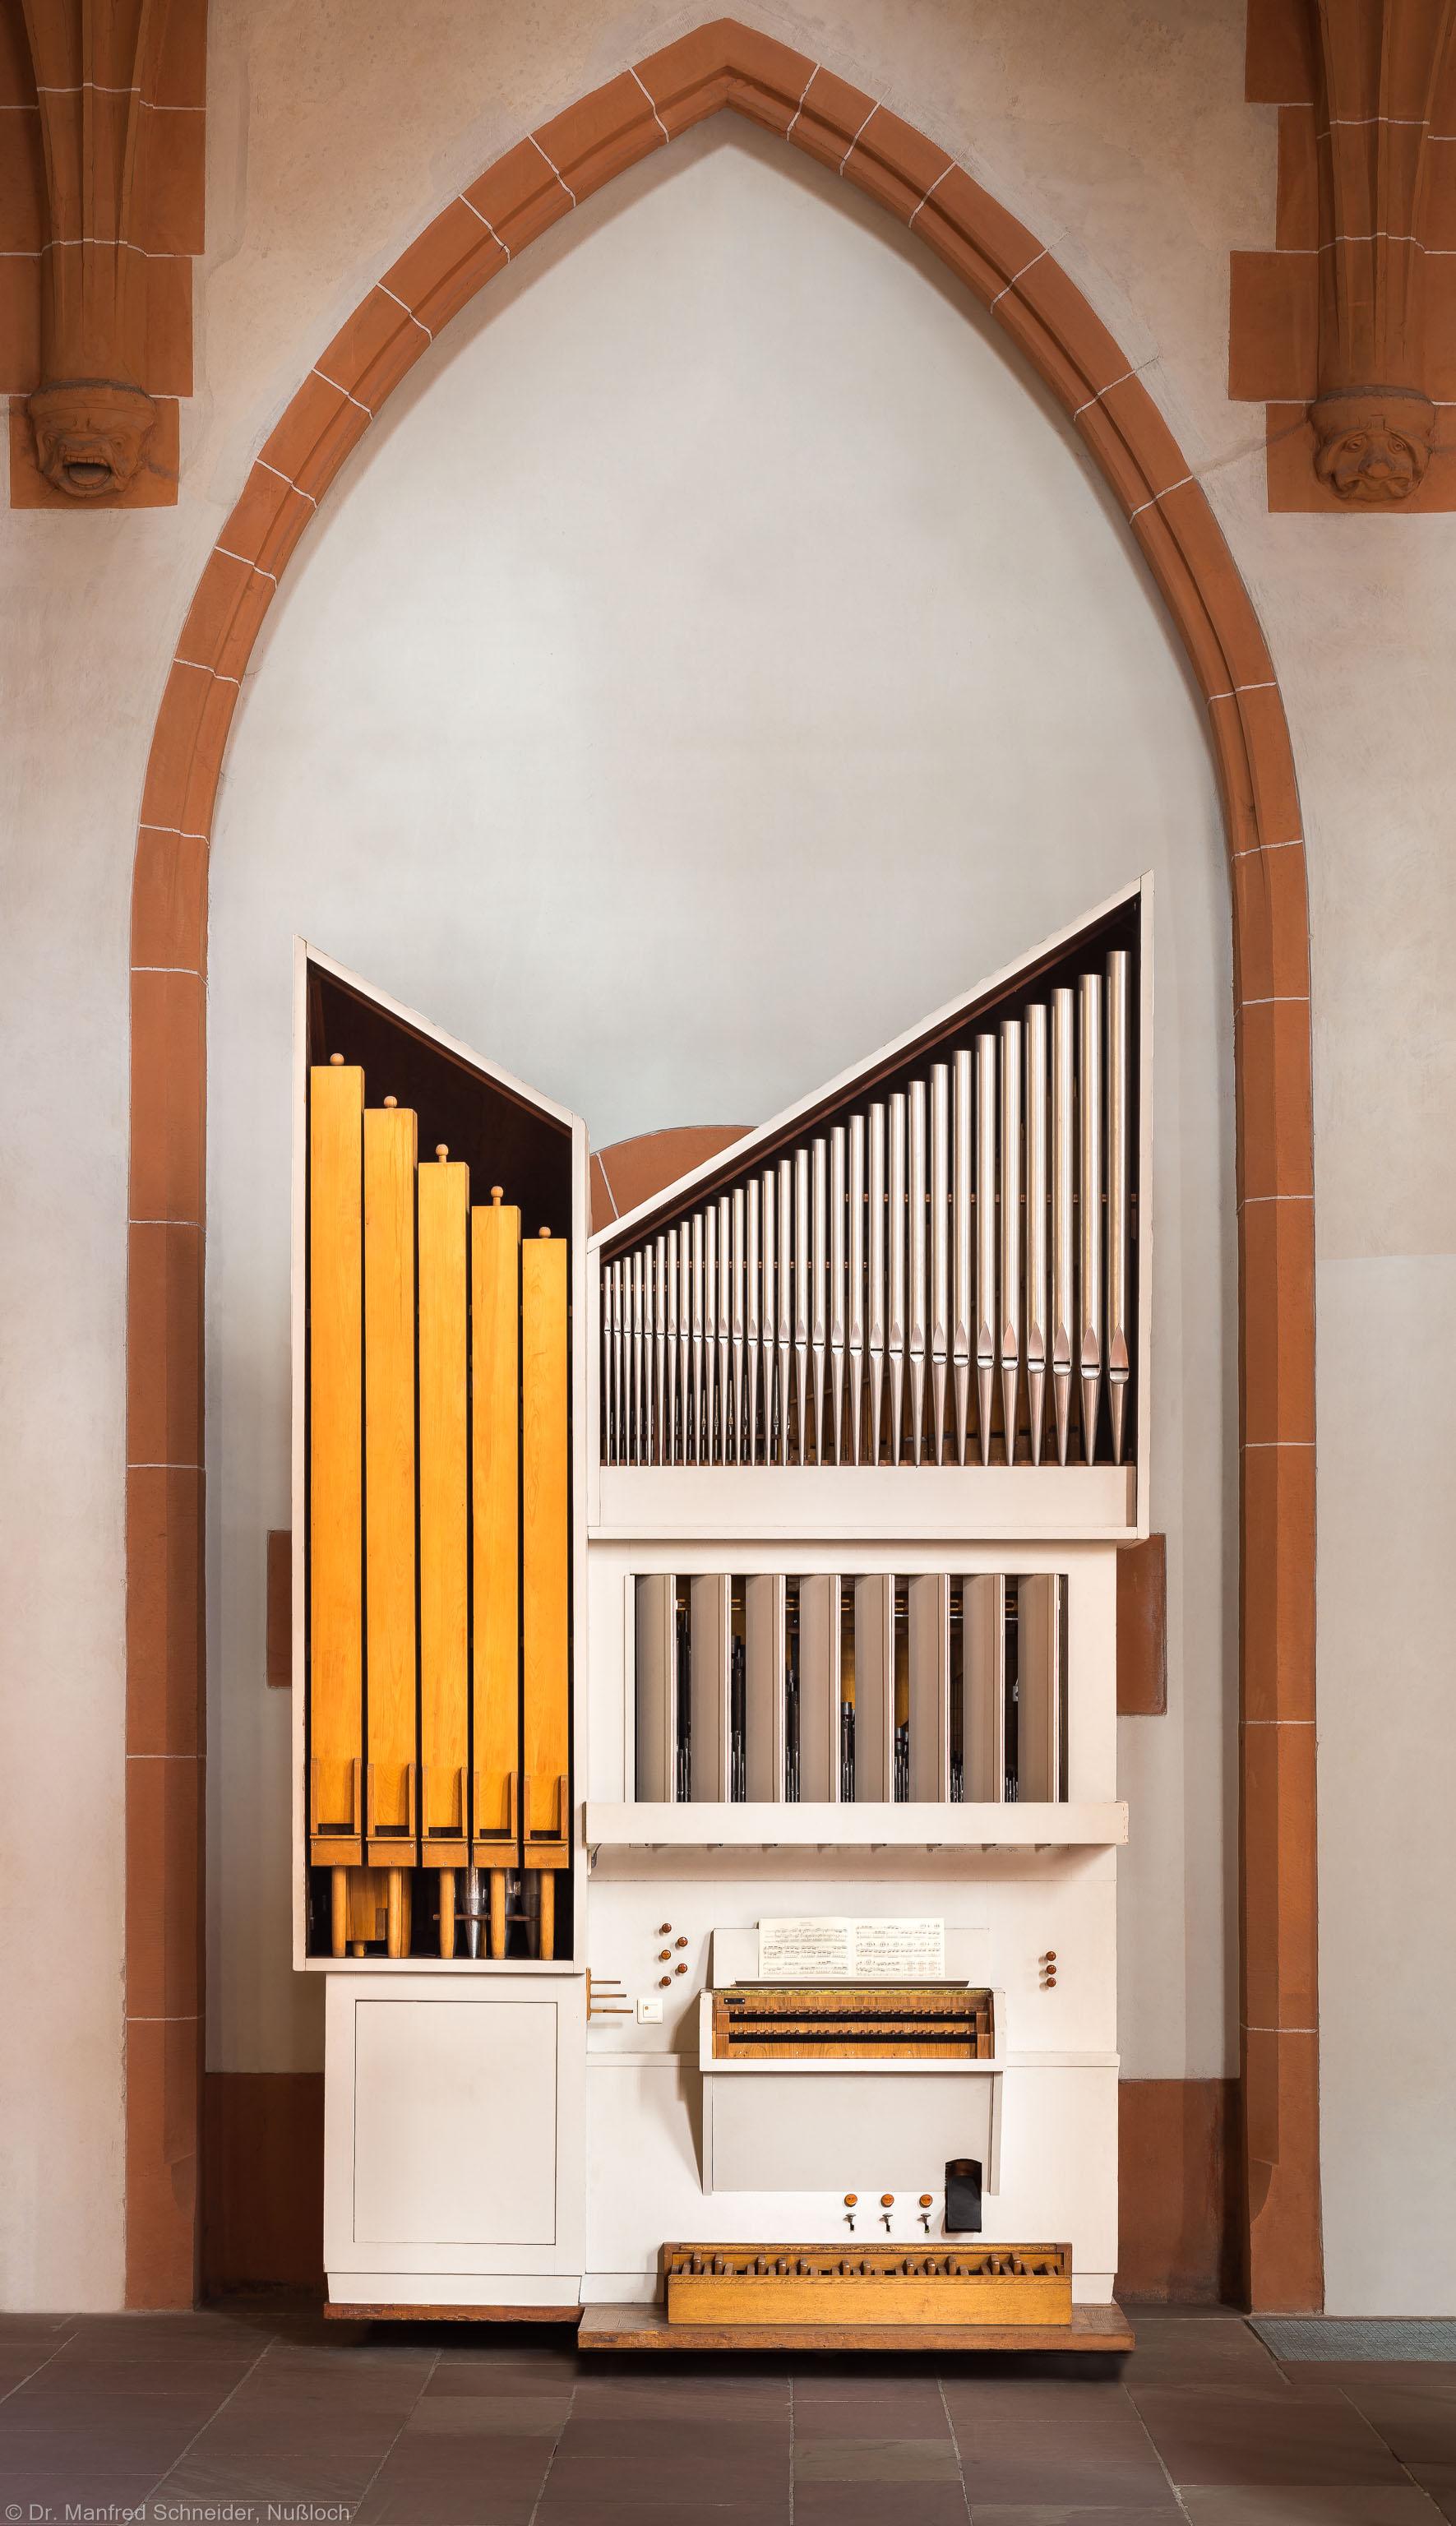 Heidelberg - Heiliggeistkirche - Nordschiff - Kammerorgel - Zentraler Blick auf die Kammerorgel, erbaut von Steinmeyer 1963 (aufgenommen im März 2015, um die Mittagszeit)